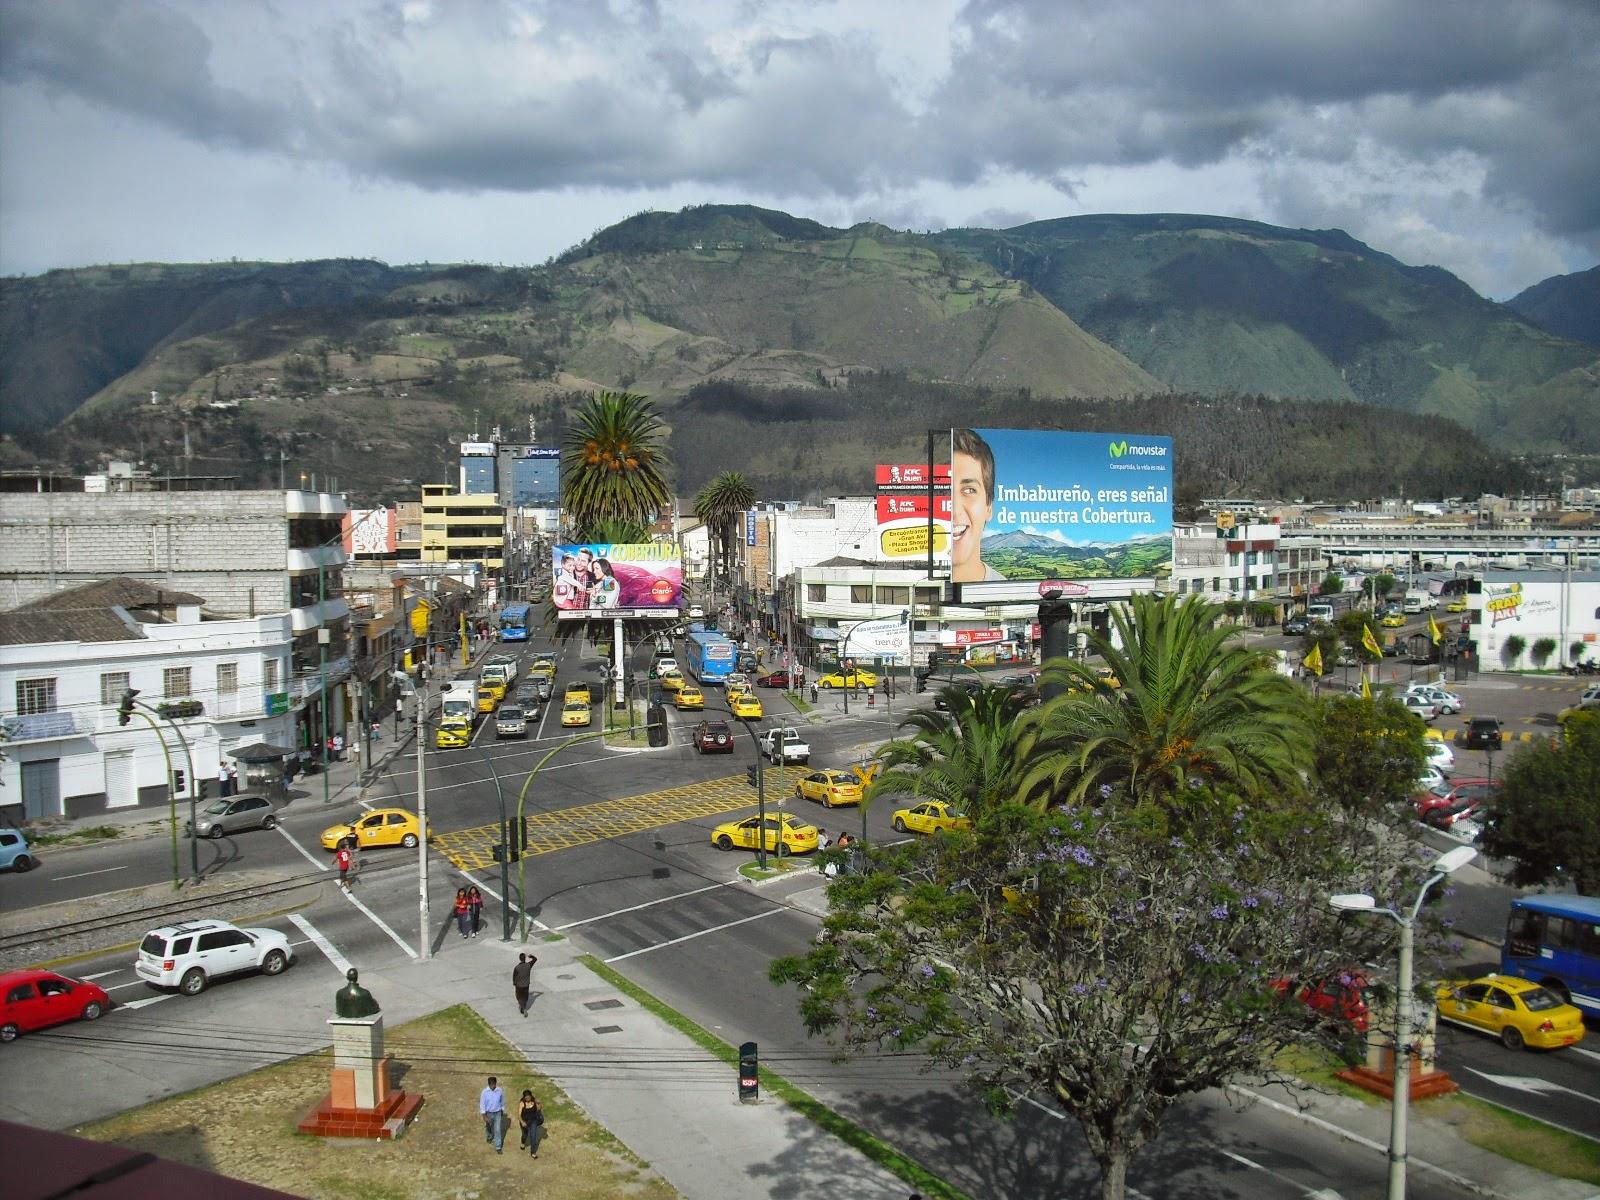 The picturesque Ibarra, Ecuador.